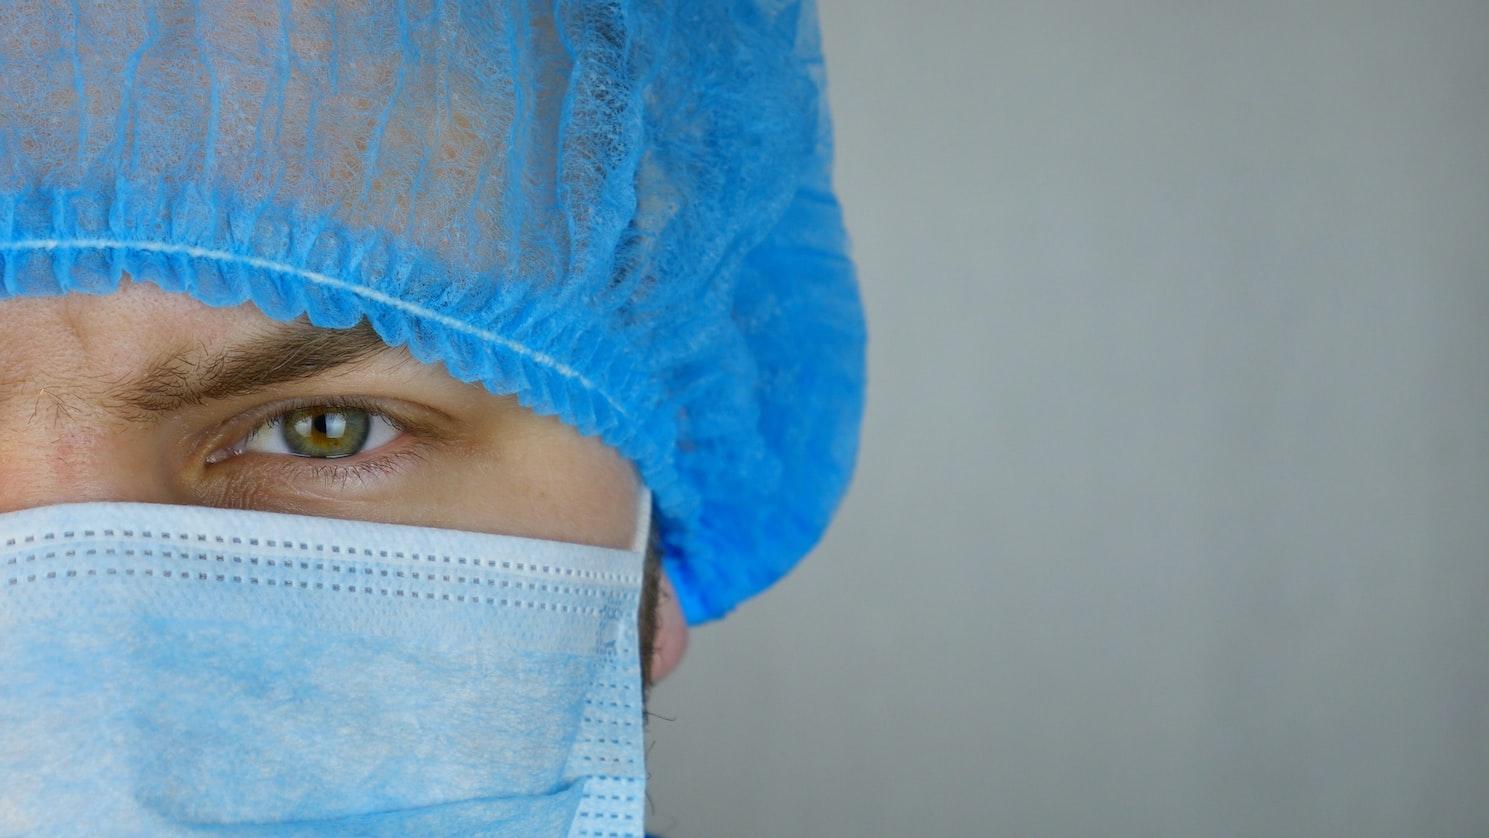 רשלנות רפואית באבחון המלצות